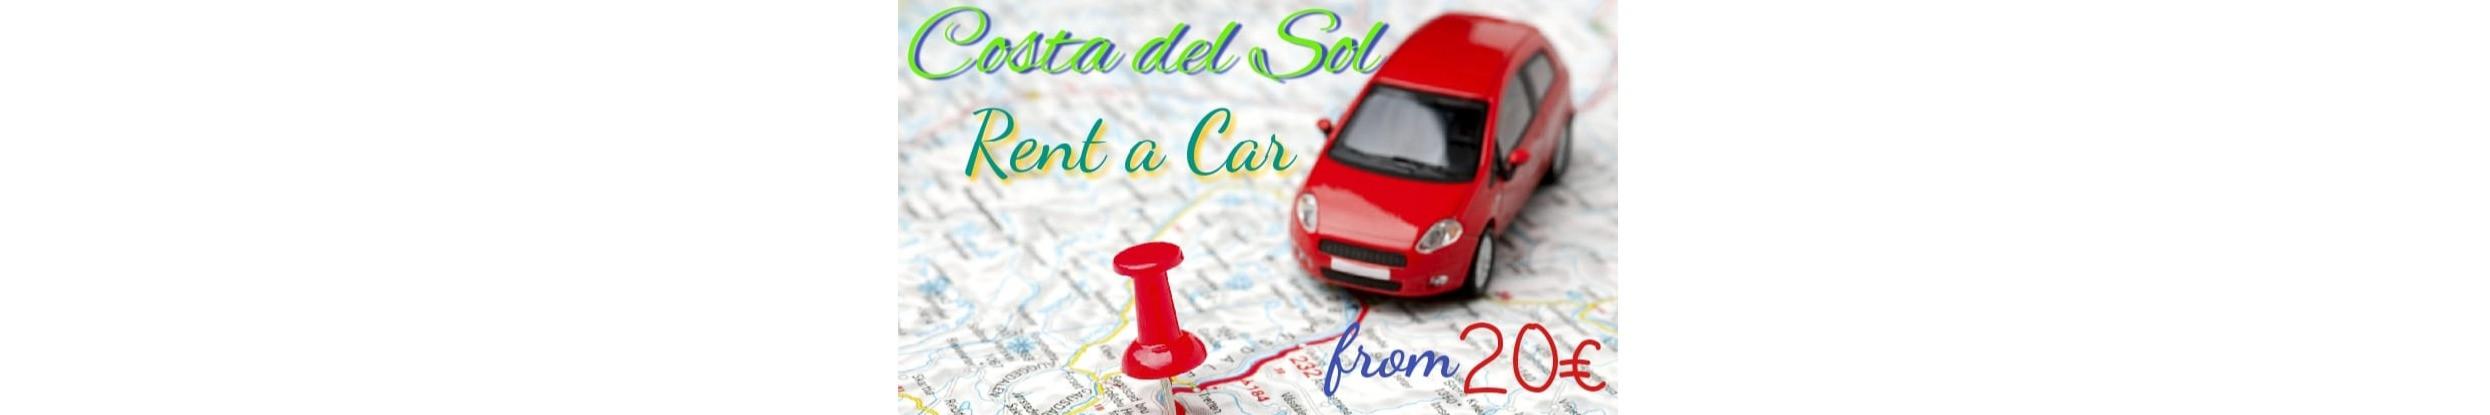 Rent a Car COSTA DEL SOL